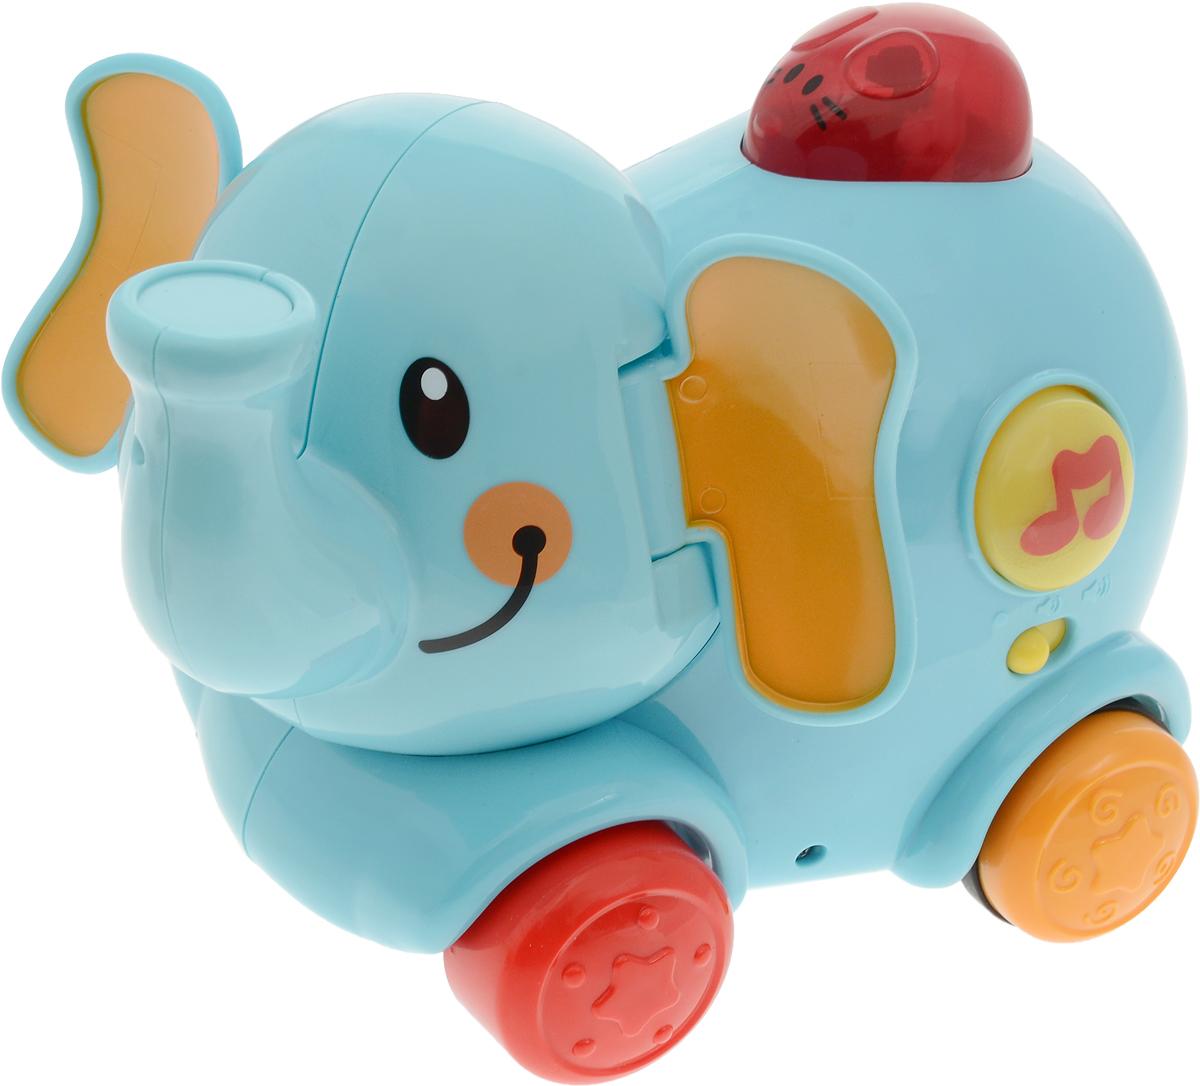 Win Fat Радиоуправляемая игрушка Веселый слоненок - Радиоуправляемые игрушки